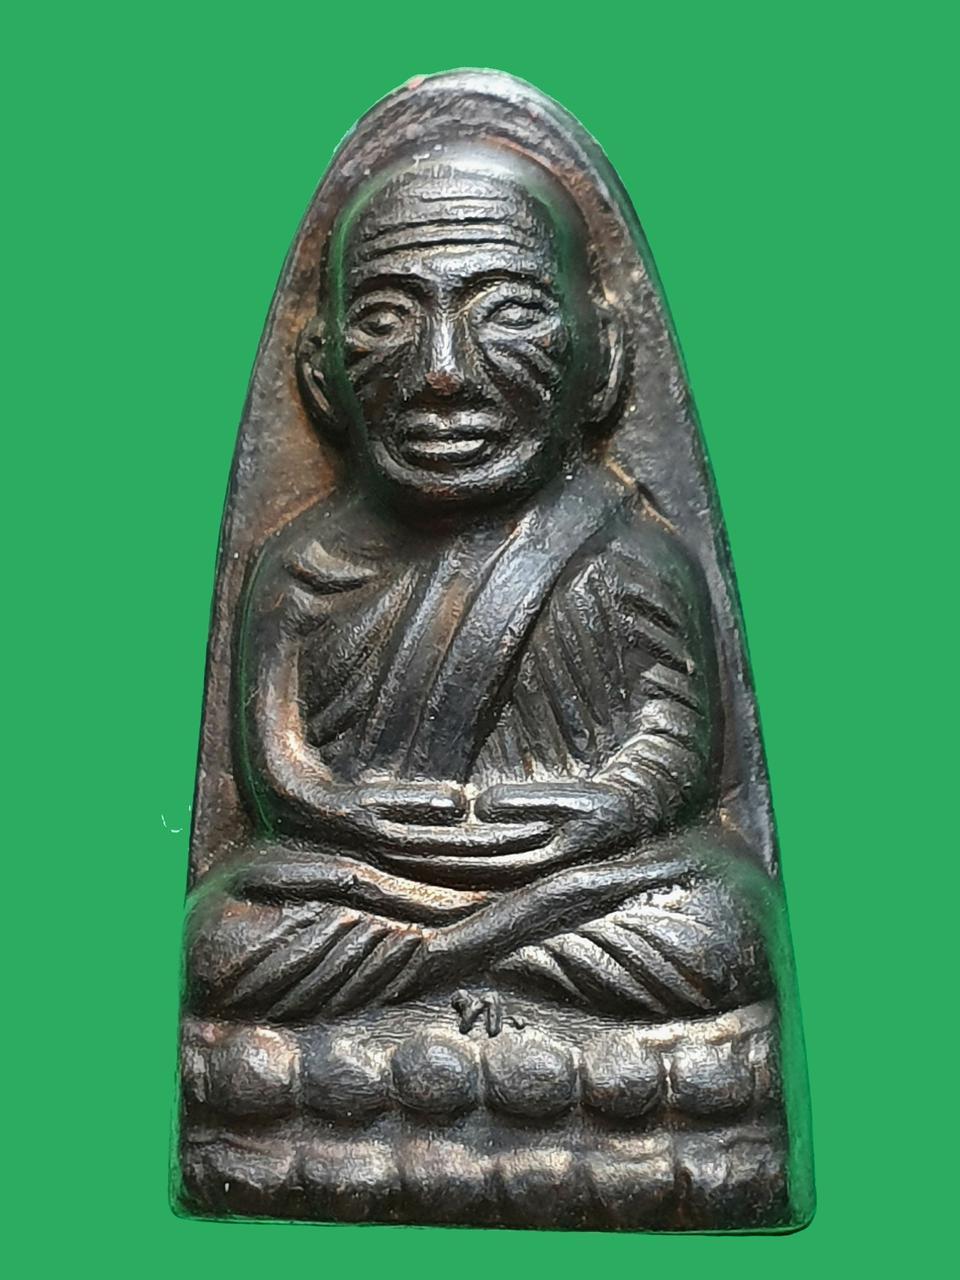 พระหลวงปู่ทวด เตารีดหลังหนัง พิมพ์เล็ก ท. วัดช้างให้ ปี 2506 รูปที่ 1